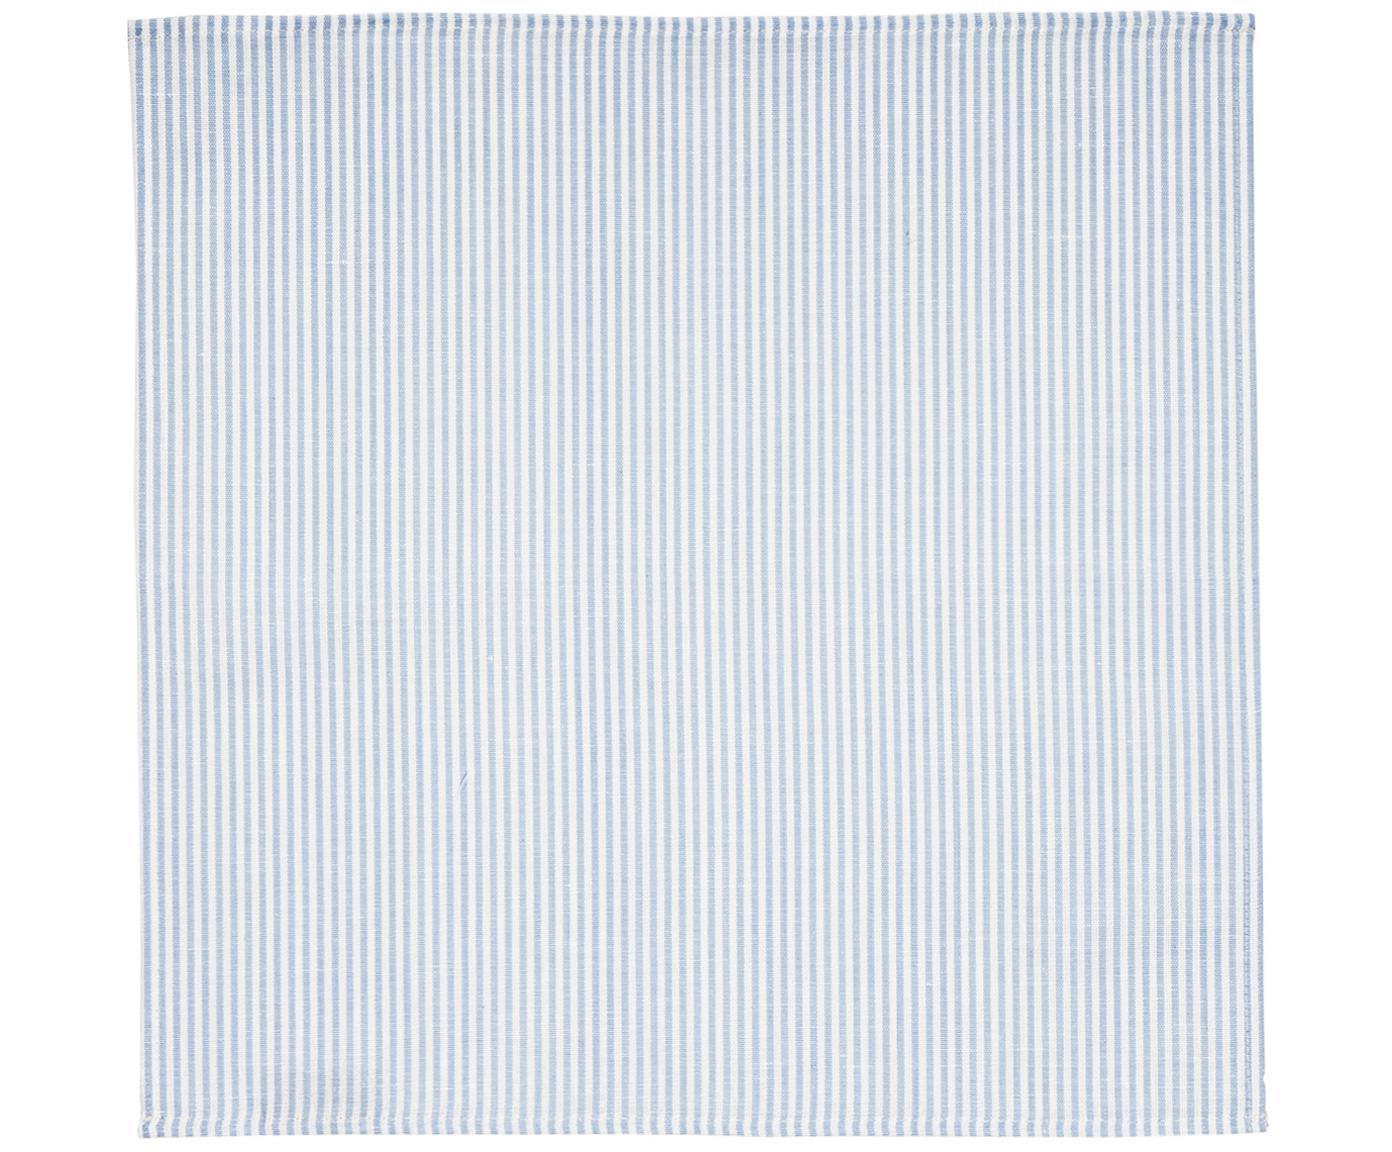 Serwetka w paski, 6 szt., Biały, jasny niebieski, S 45 x D 45 cm